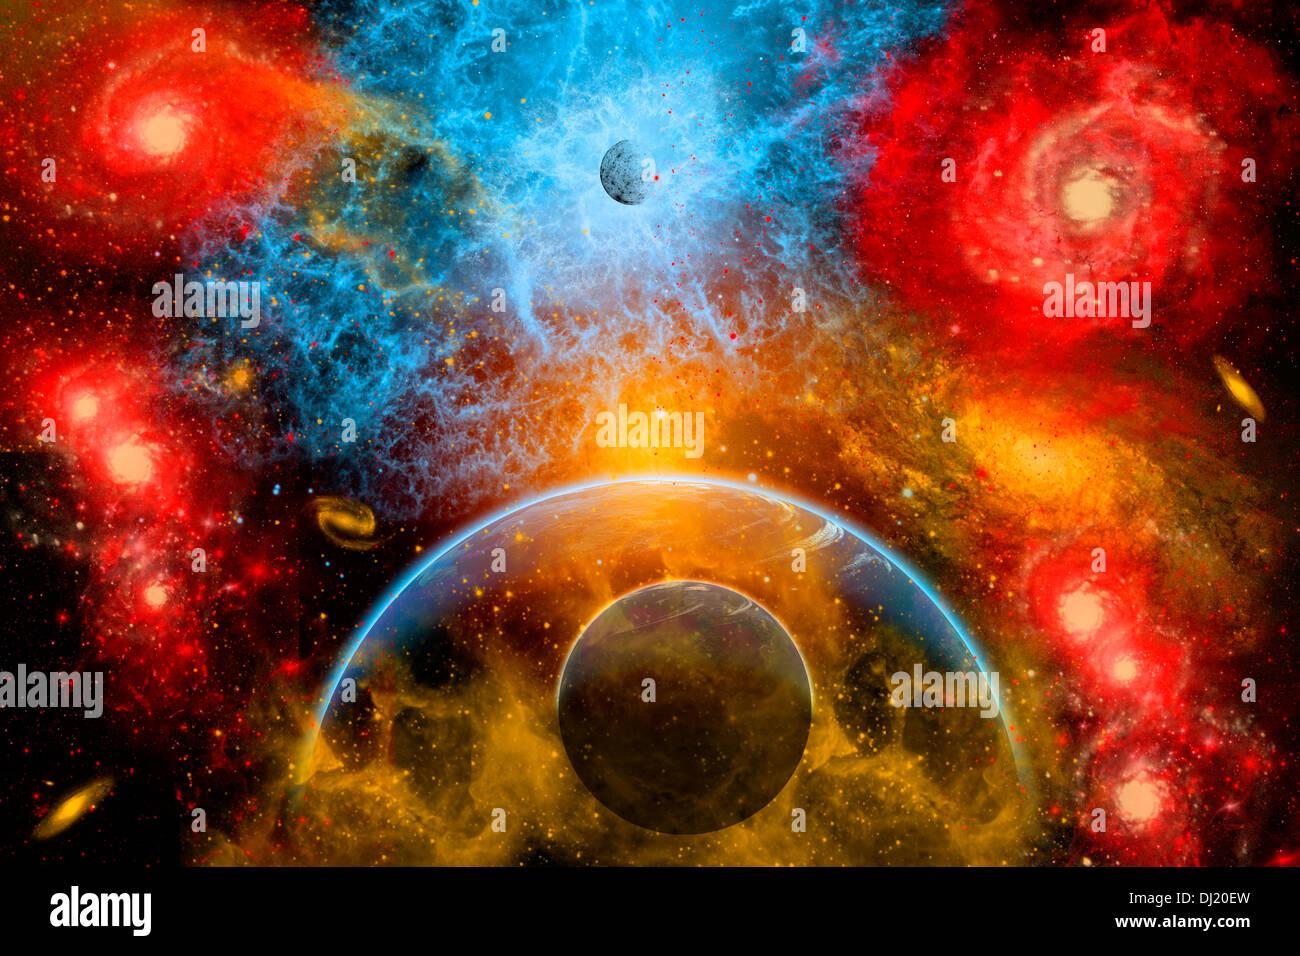 Planetary Nebulas. - Stock Image